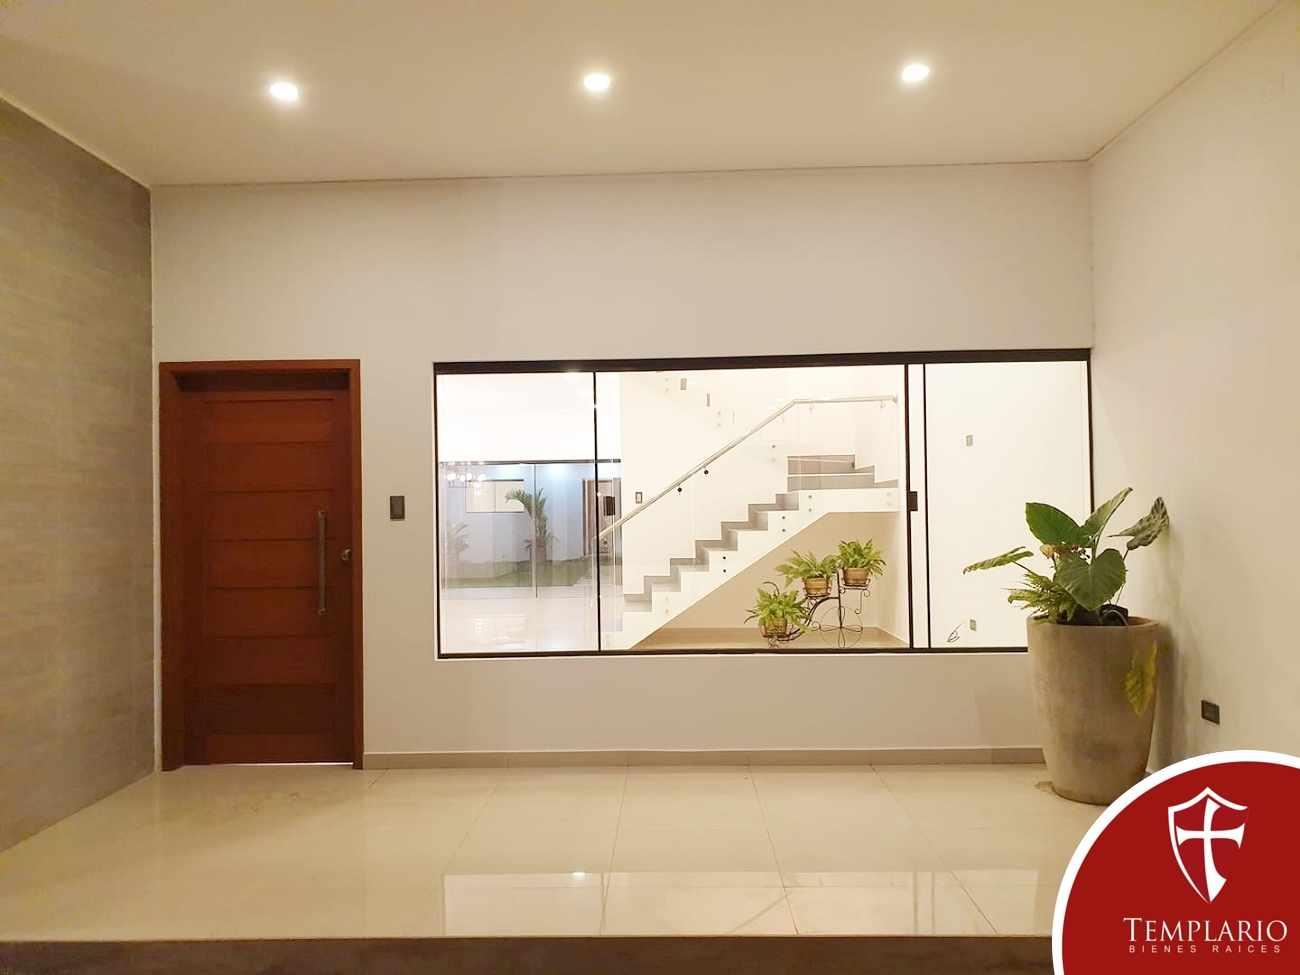 Casa en Venta Av. Santos Dumont 3er y 4to Anillo - Vecindario Residencial Foto 5